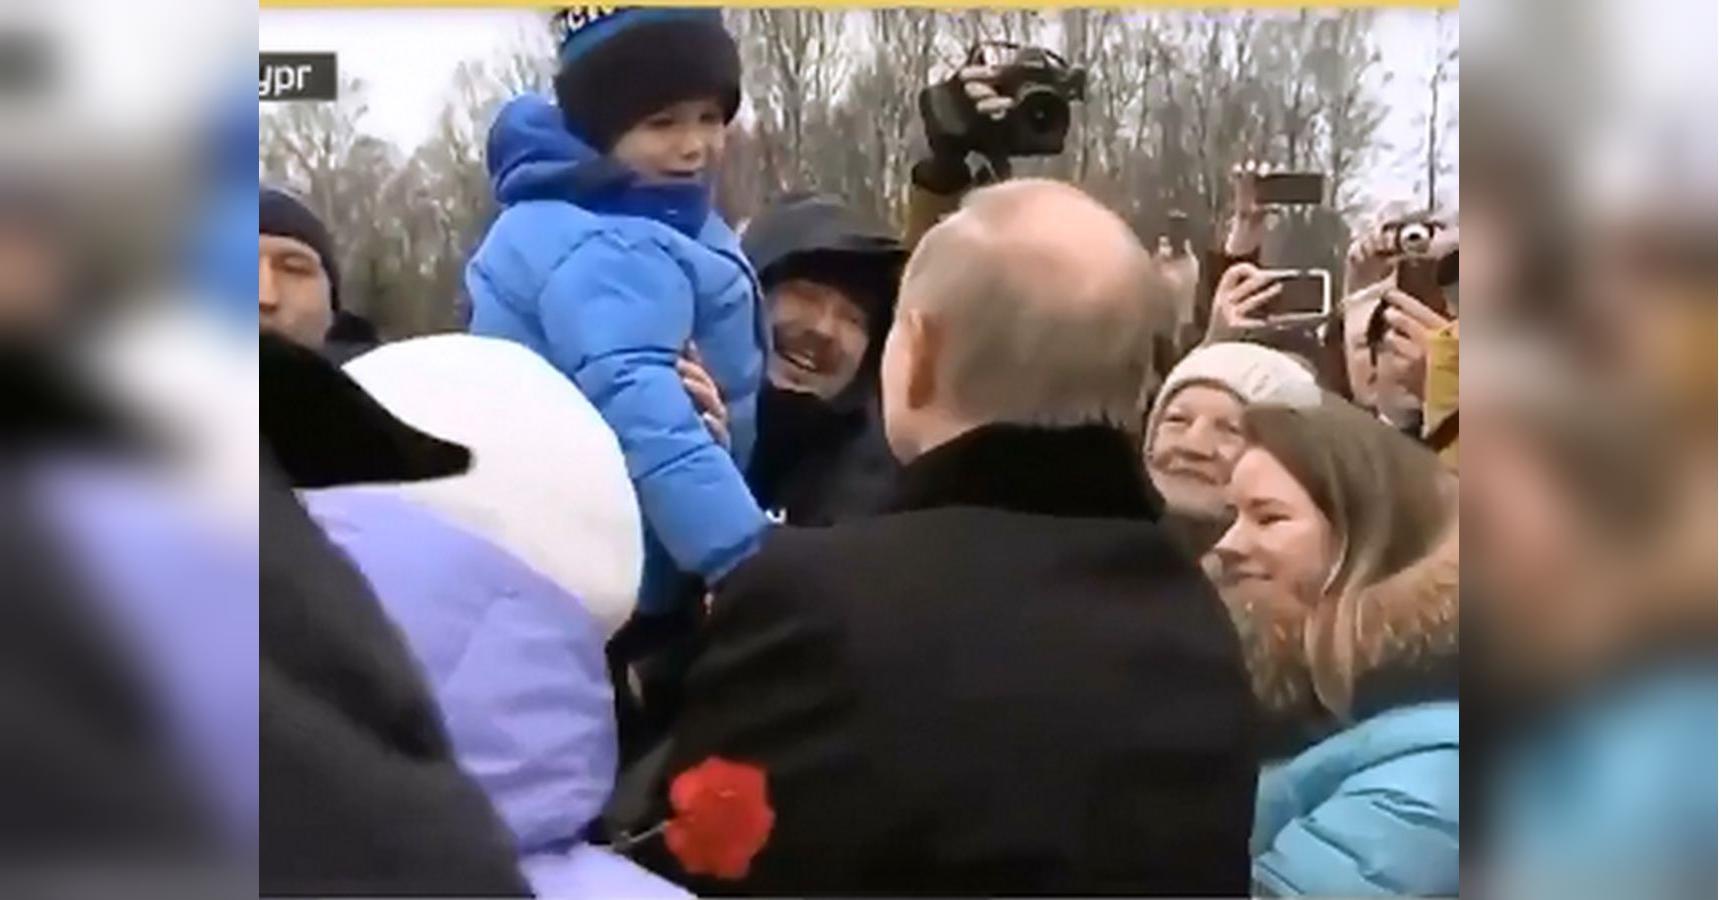 Глубинный народ — «Праздник на кладбище»: сети повеселило видео Путина с пенсионерами и детьми